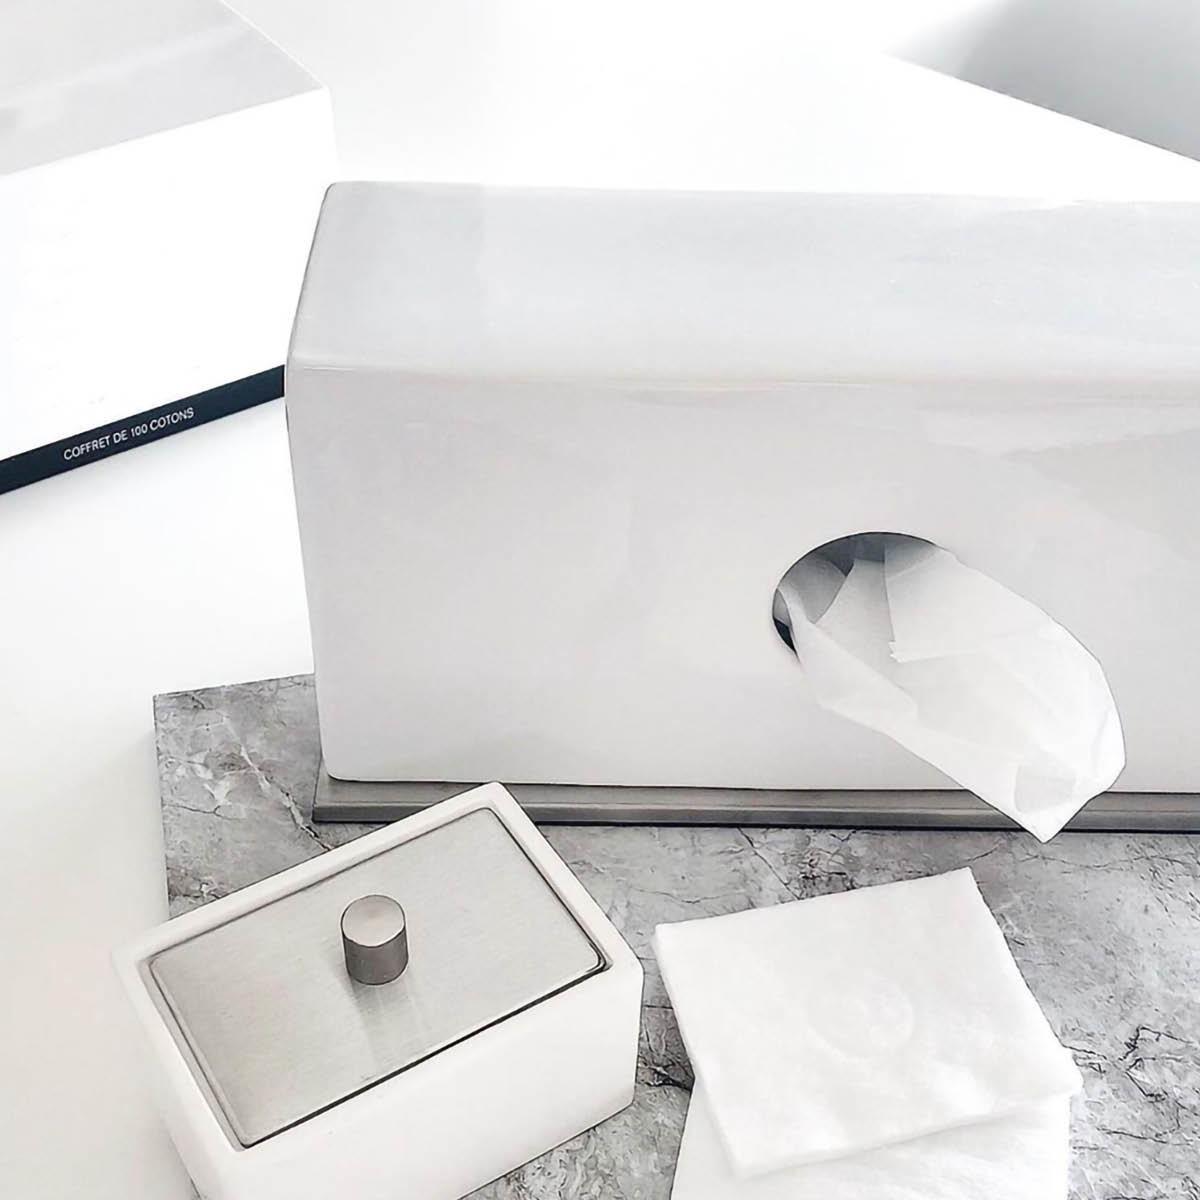 ティッシュケース ティッシュカバー [b2c セラミック ティッシュスタンド(ホワイト)] ポケットティッシュ ボックス#SALE_BT